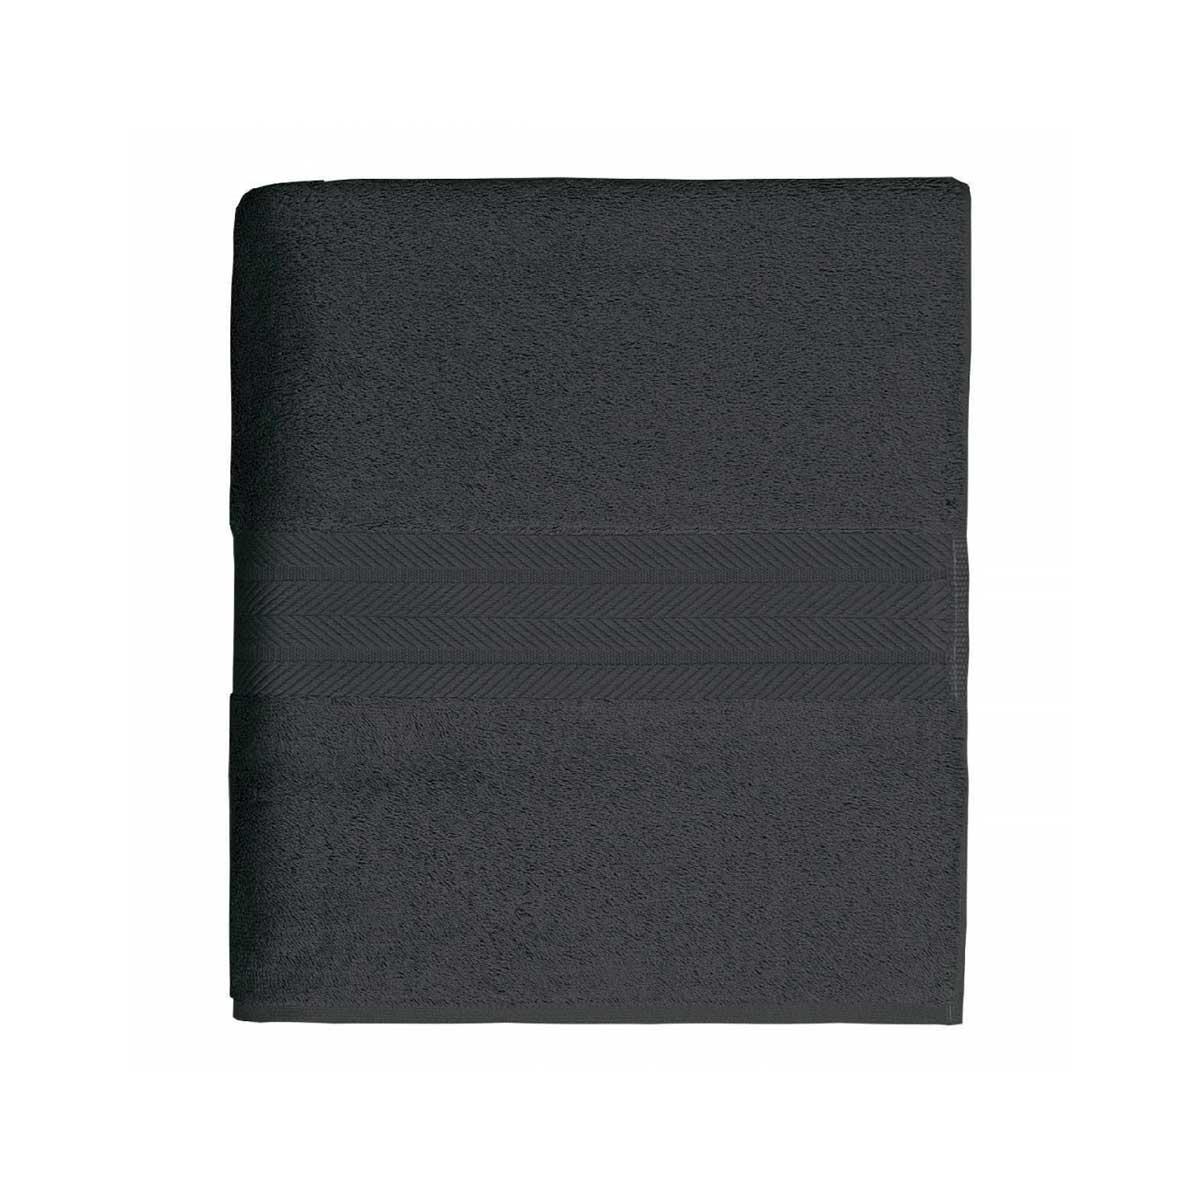 Linge de bain en coton moelleux 550gr/m² - Anthracite - 50 x 100 cm